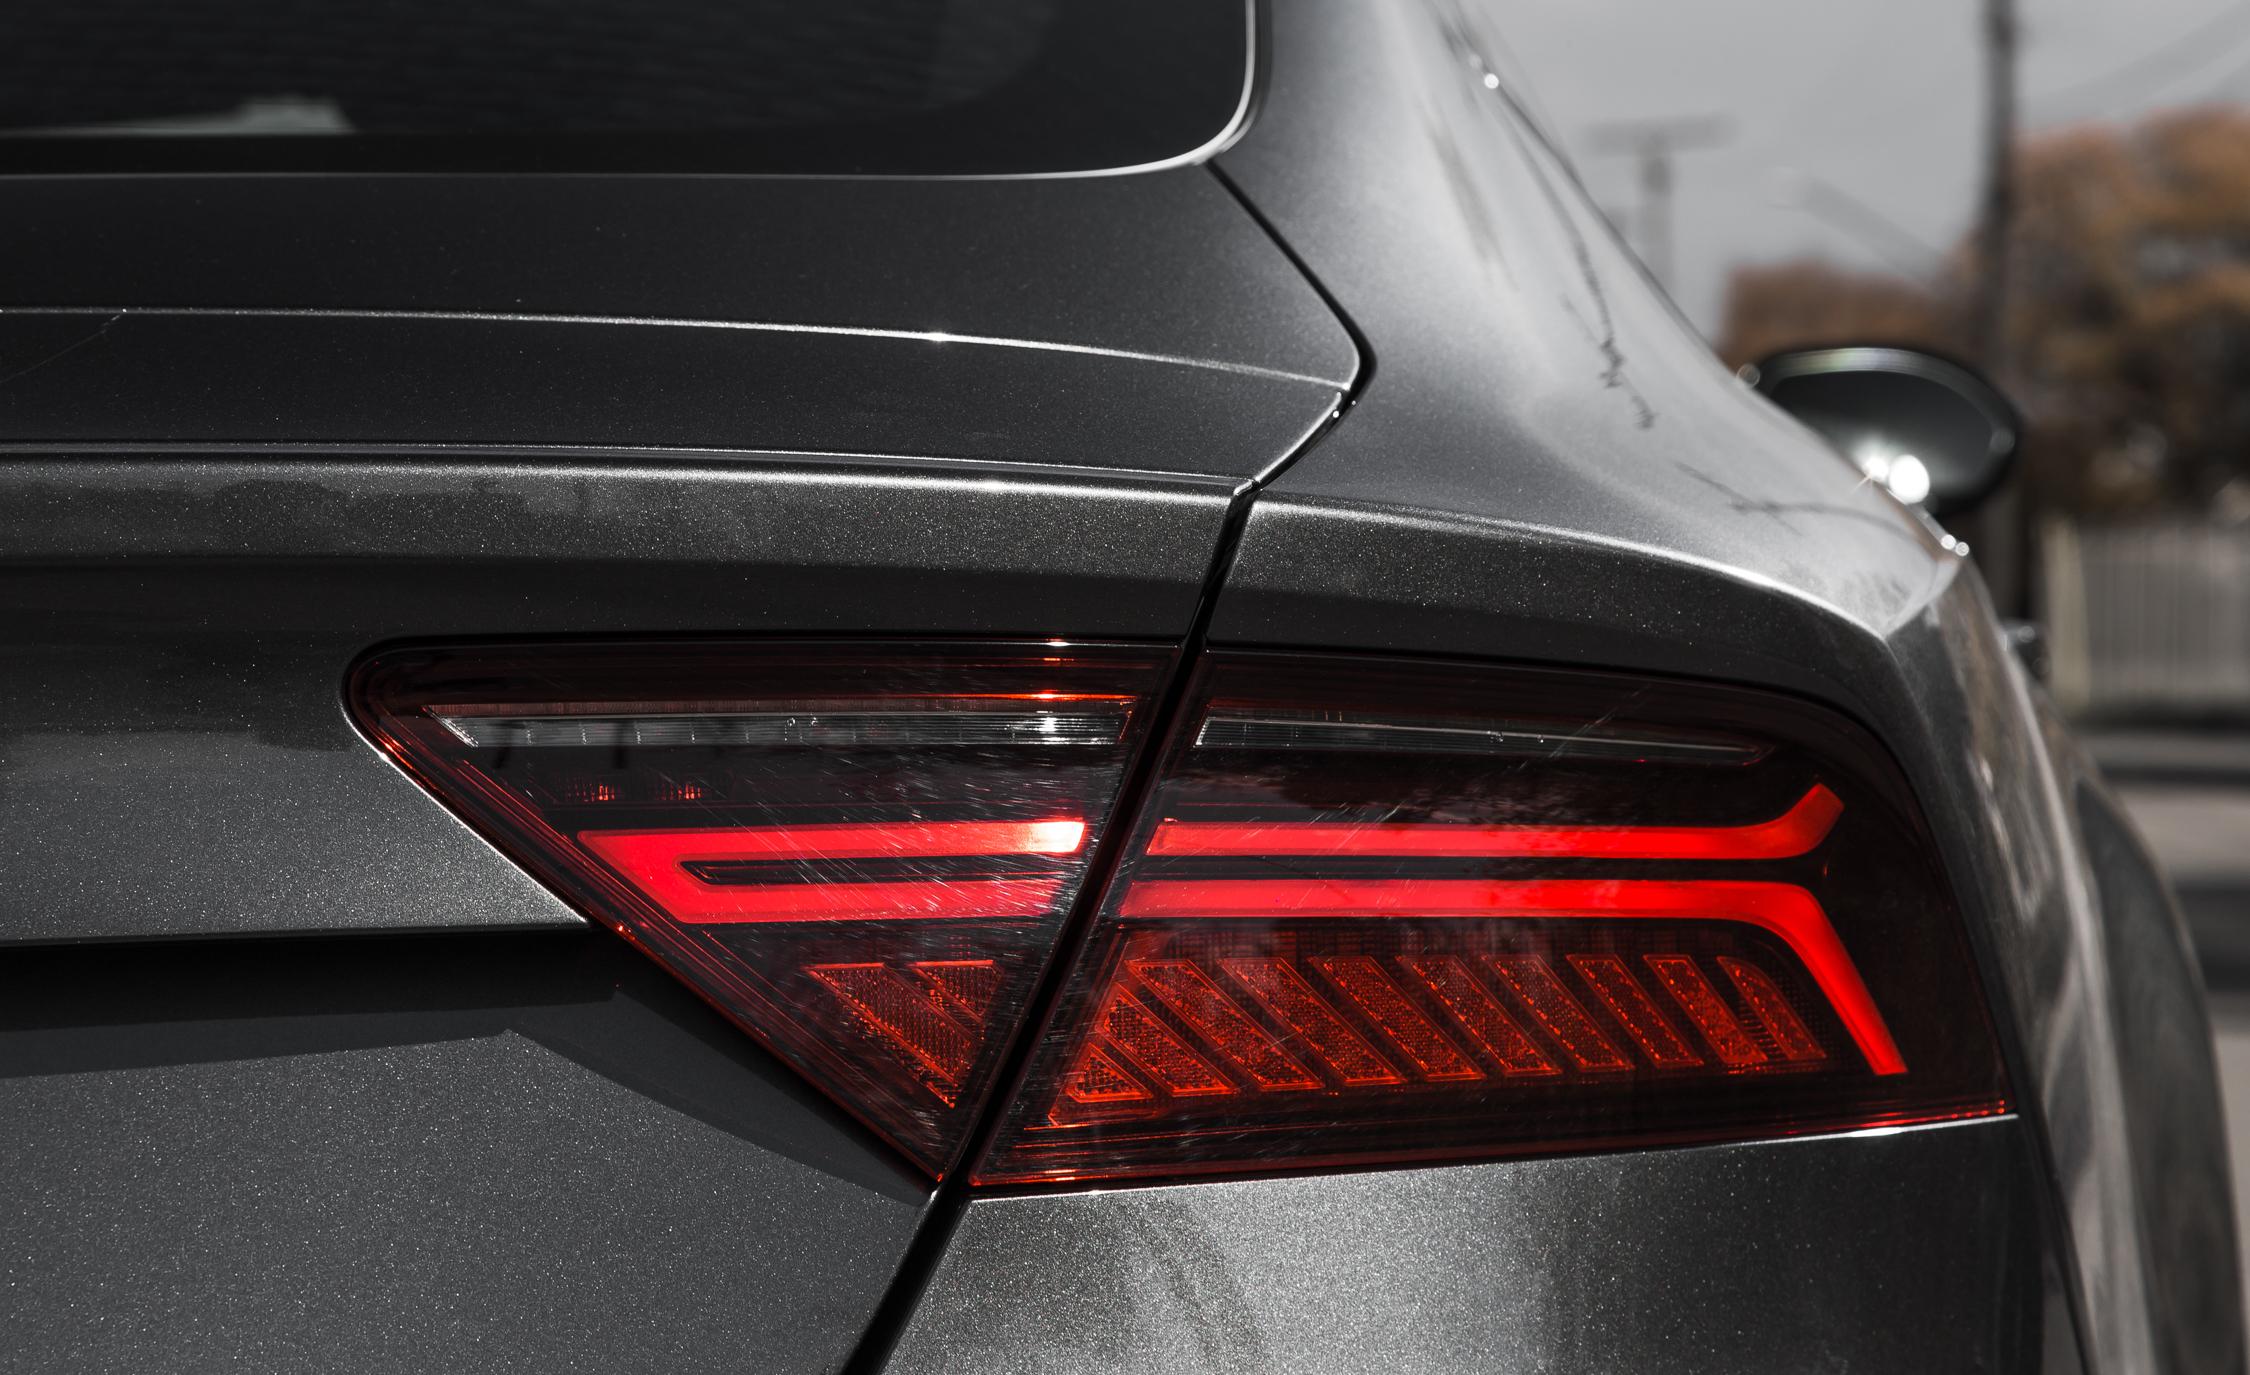 Taillight Audi S7 Sedan 2016